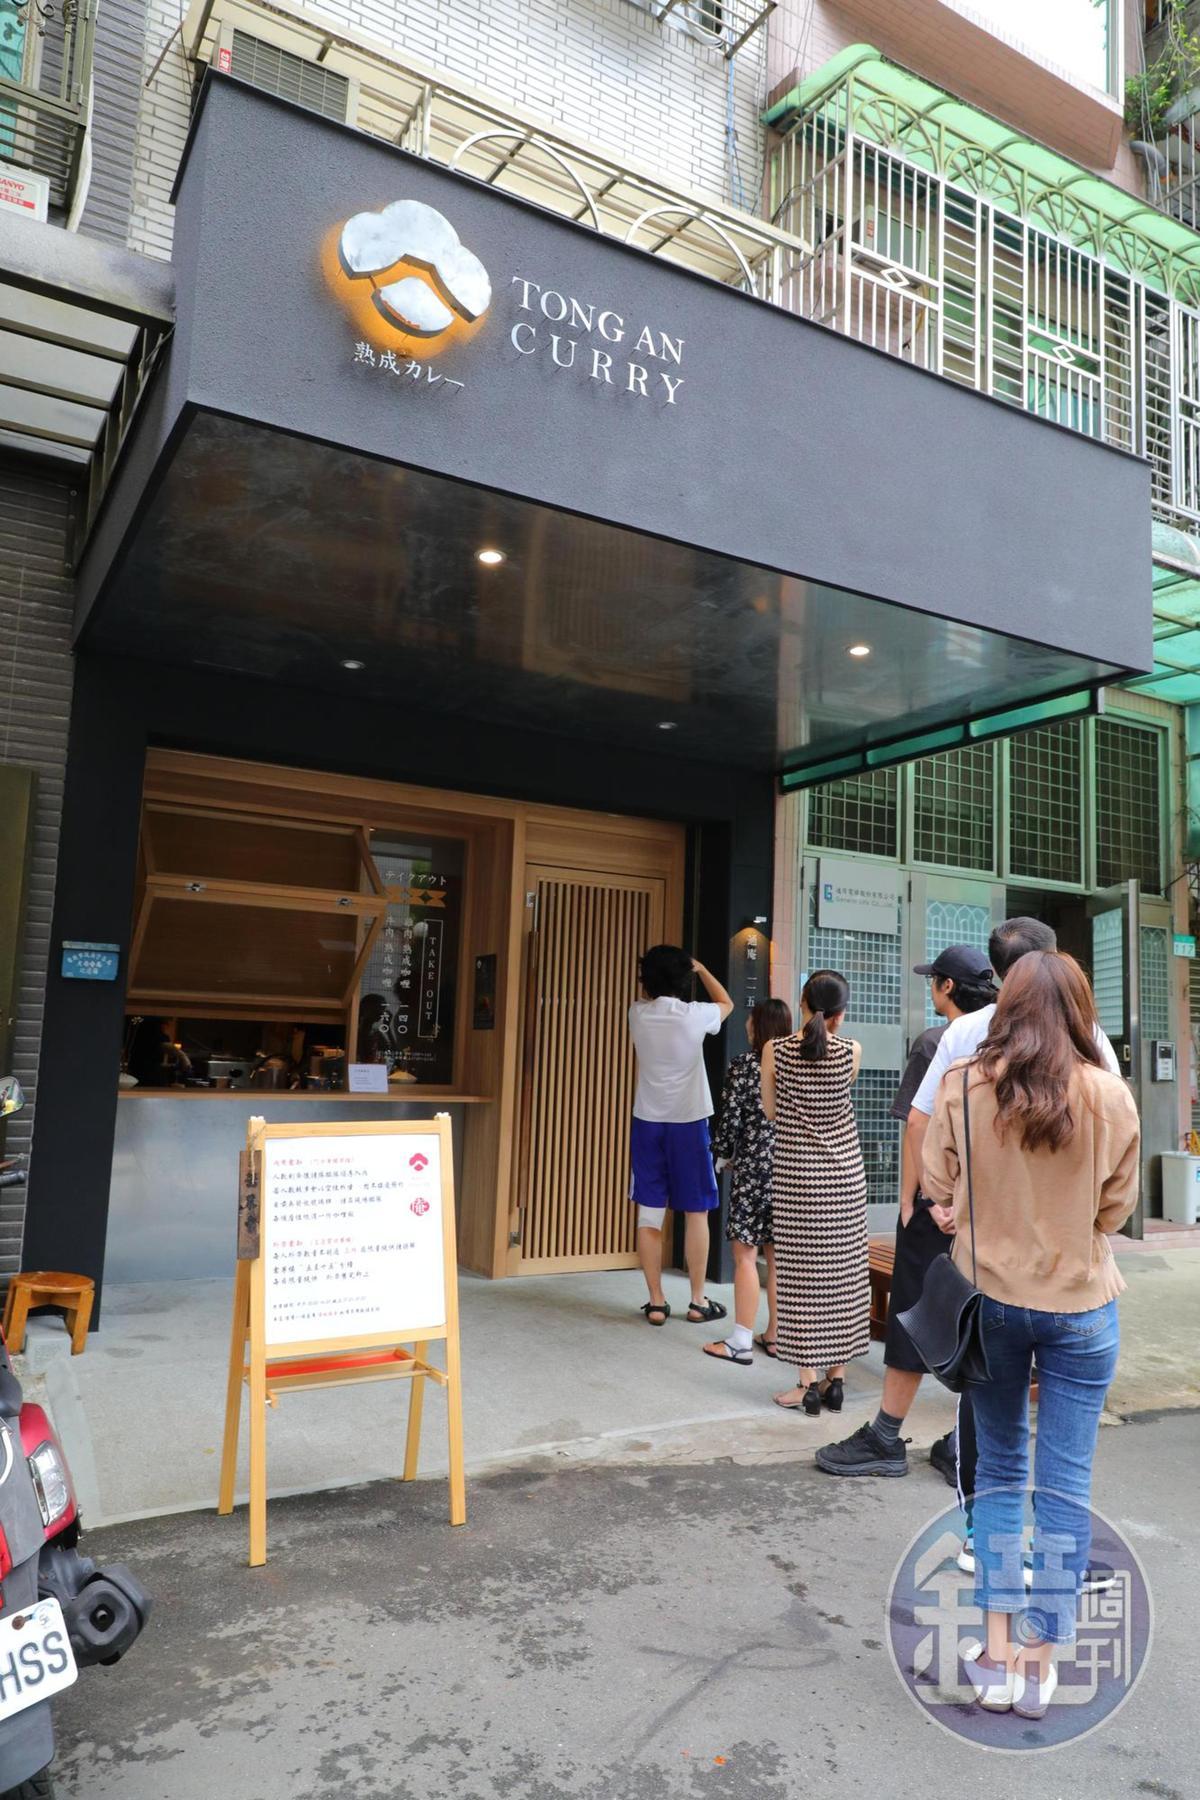 店家有提供咖哩飯外帶的服務。